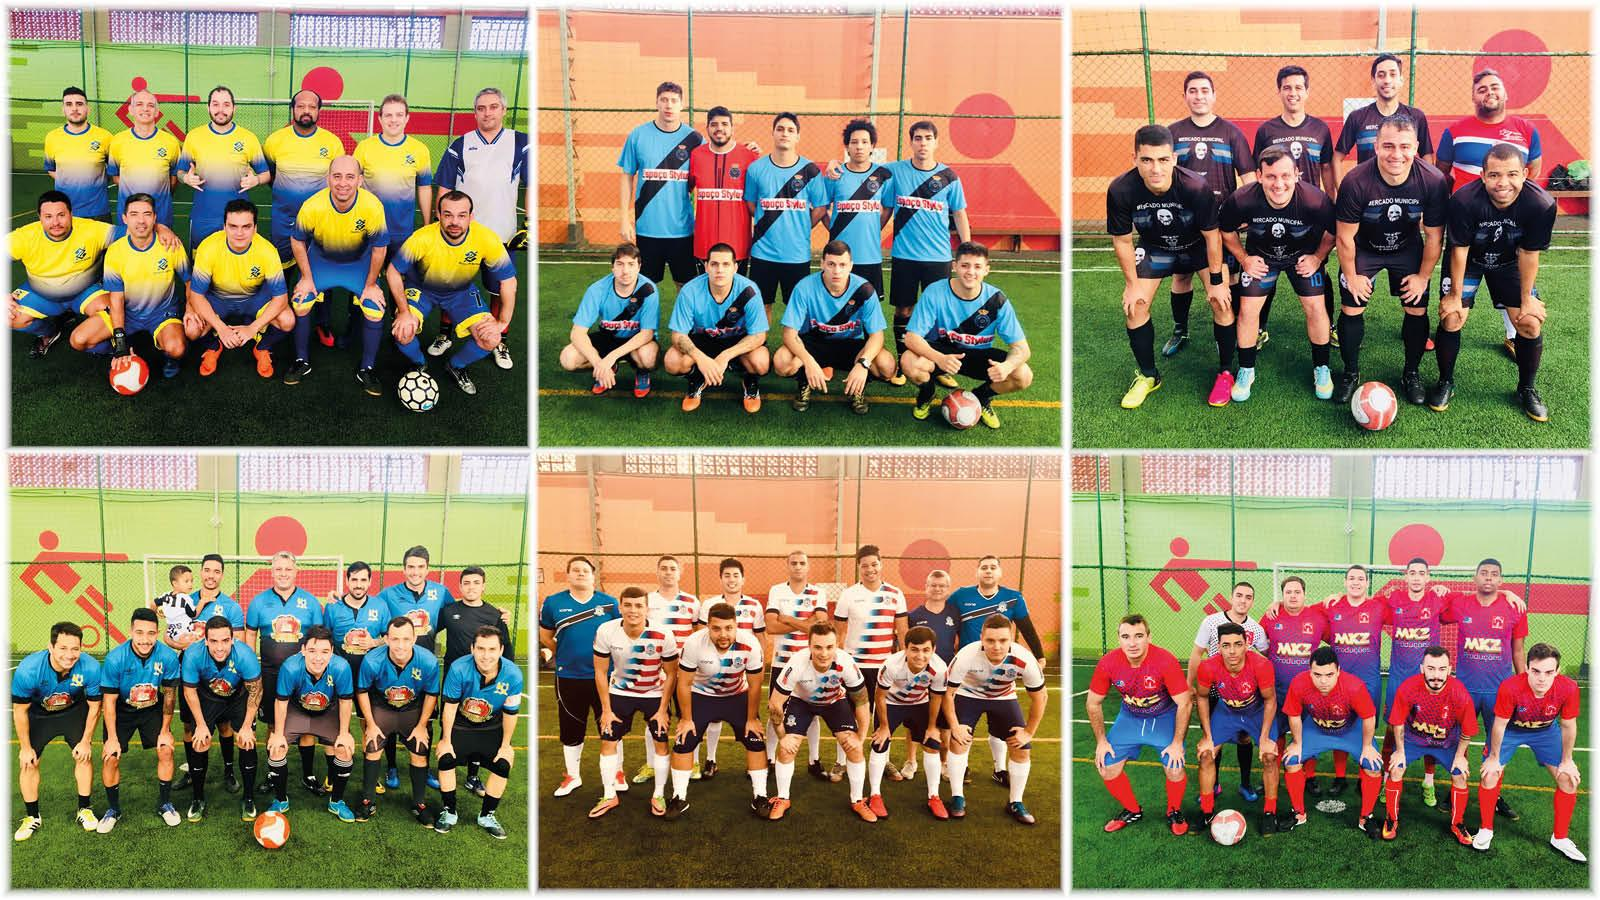 7º Campeonato de Futebol Soçaite começa carregado de gols